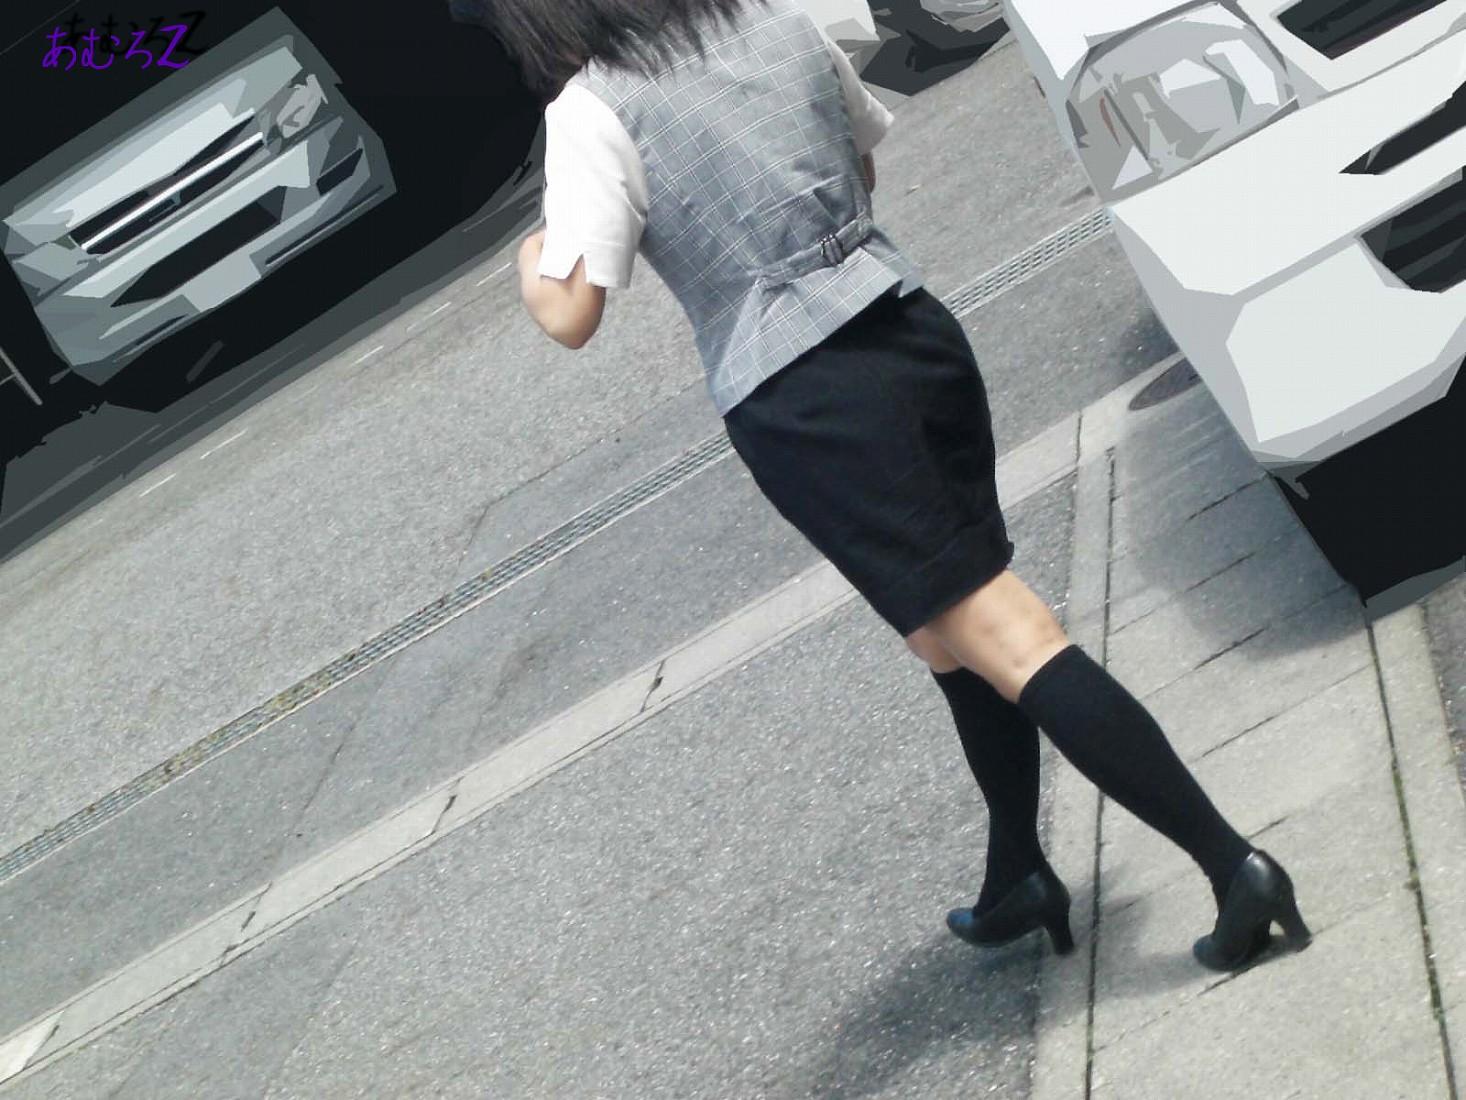 【スケスケ】ナイロンハイソックス11【目一杯抜いて!】 [無断転載禁止]©bbspink.comYouTube動画>16本 ->画像>616枚